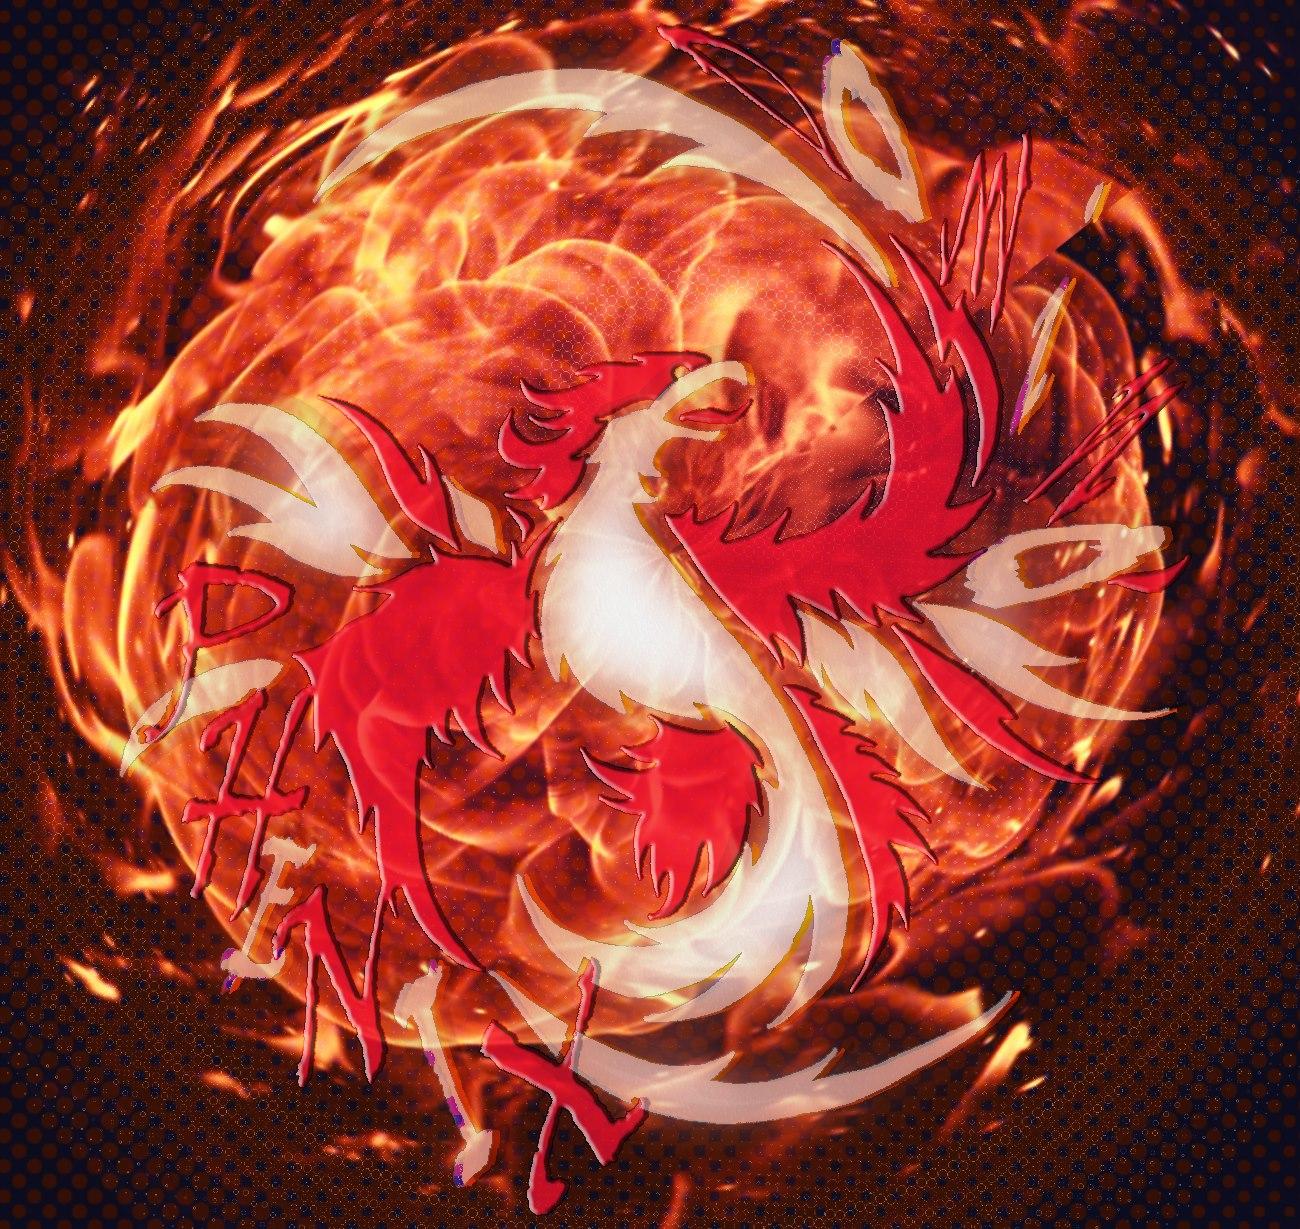 Pimax - Domino Phoenix Rise Again Again 2_wQ82HzP